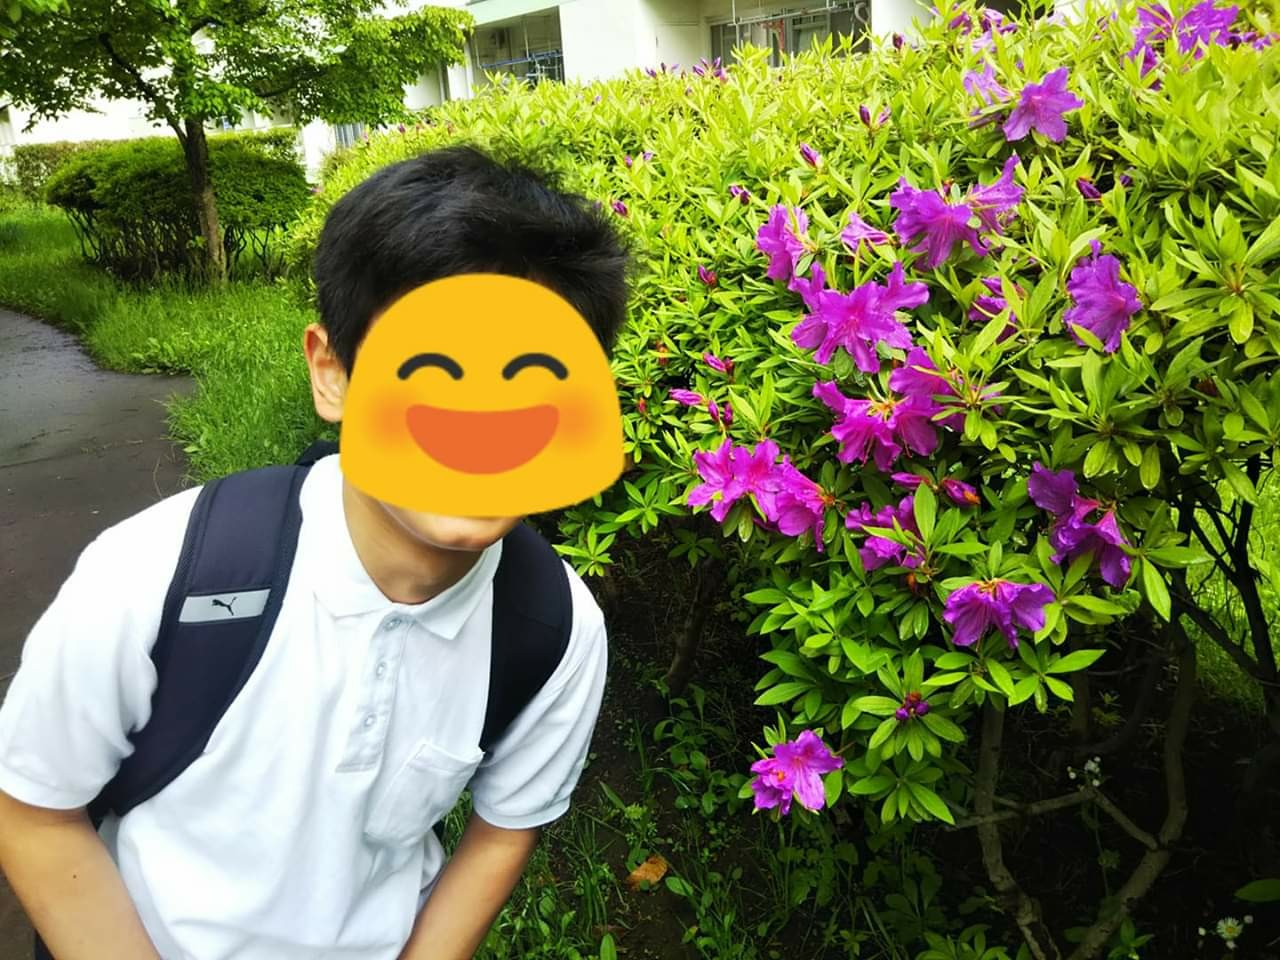 f:id:yujisyuji:20190505231907j:image